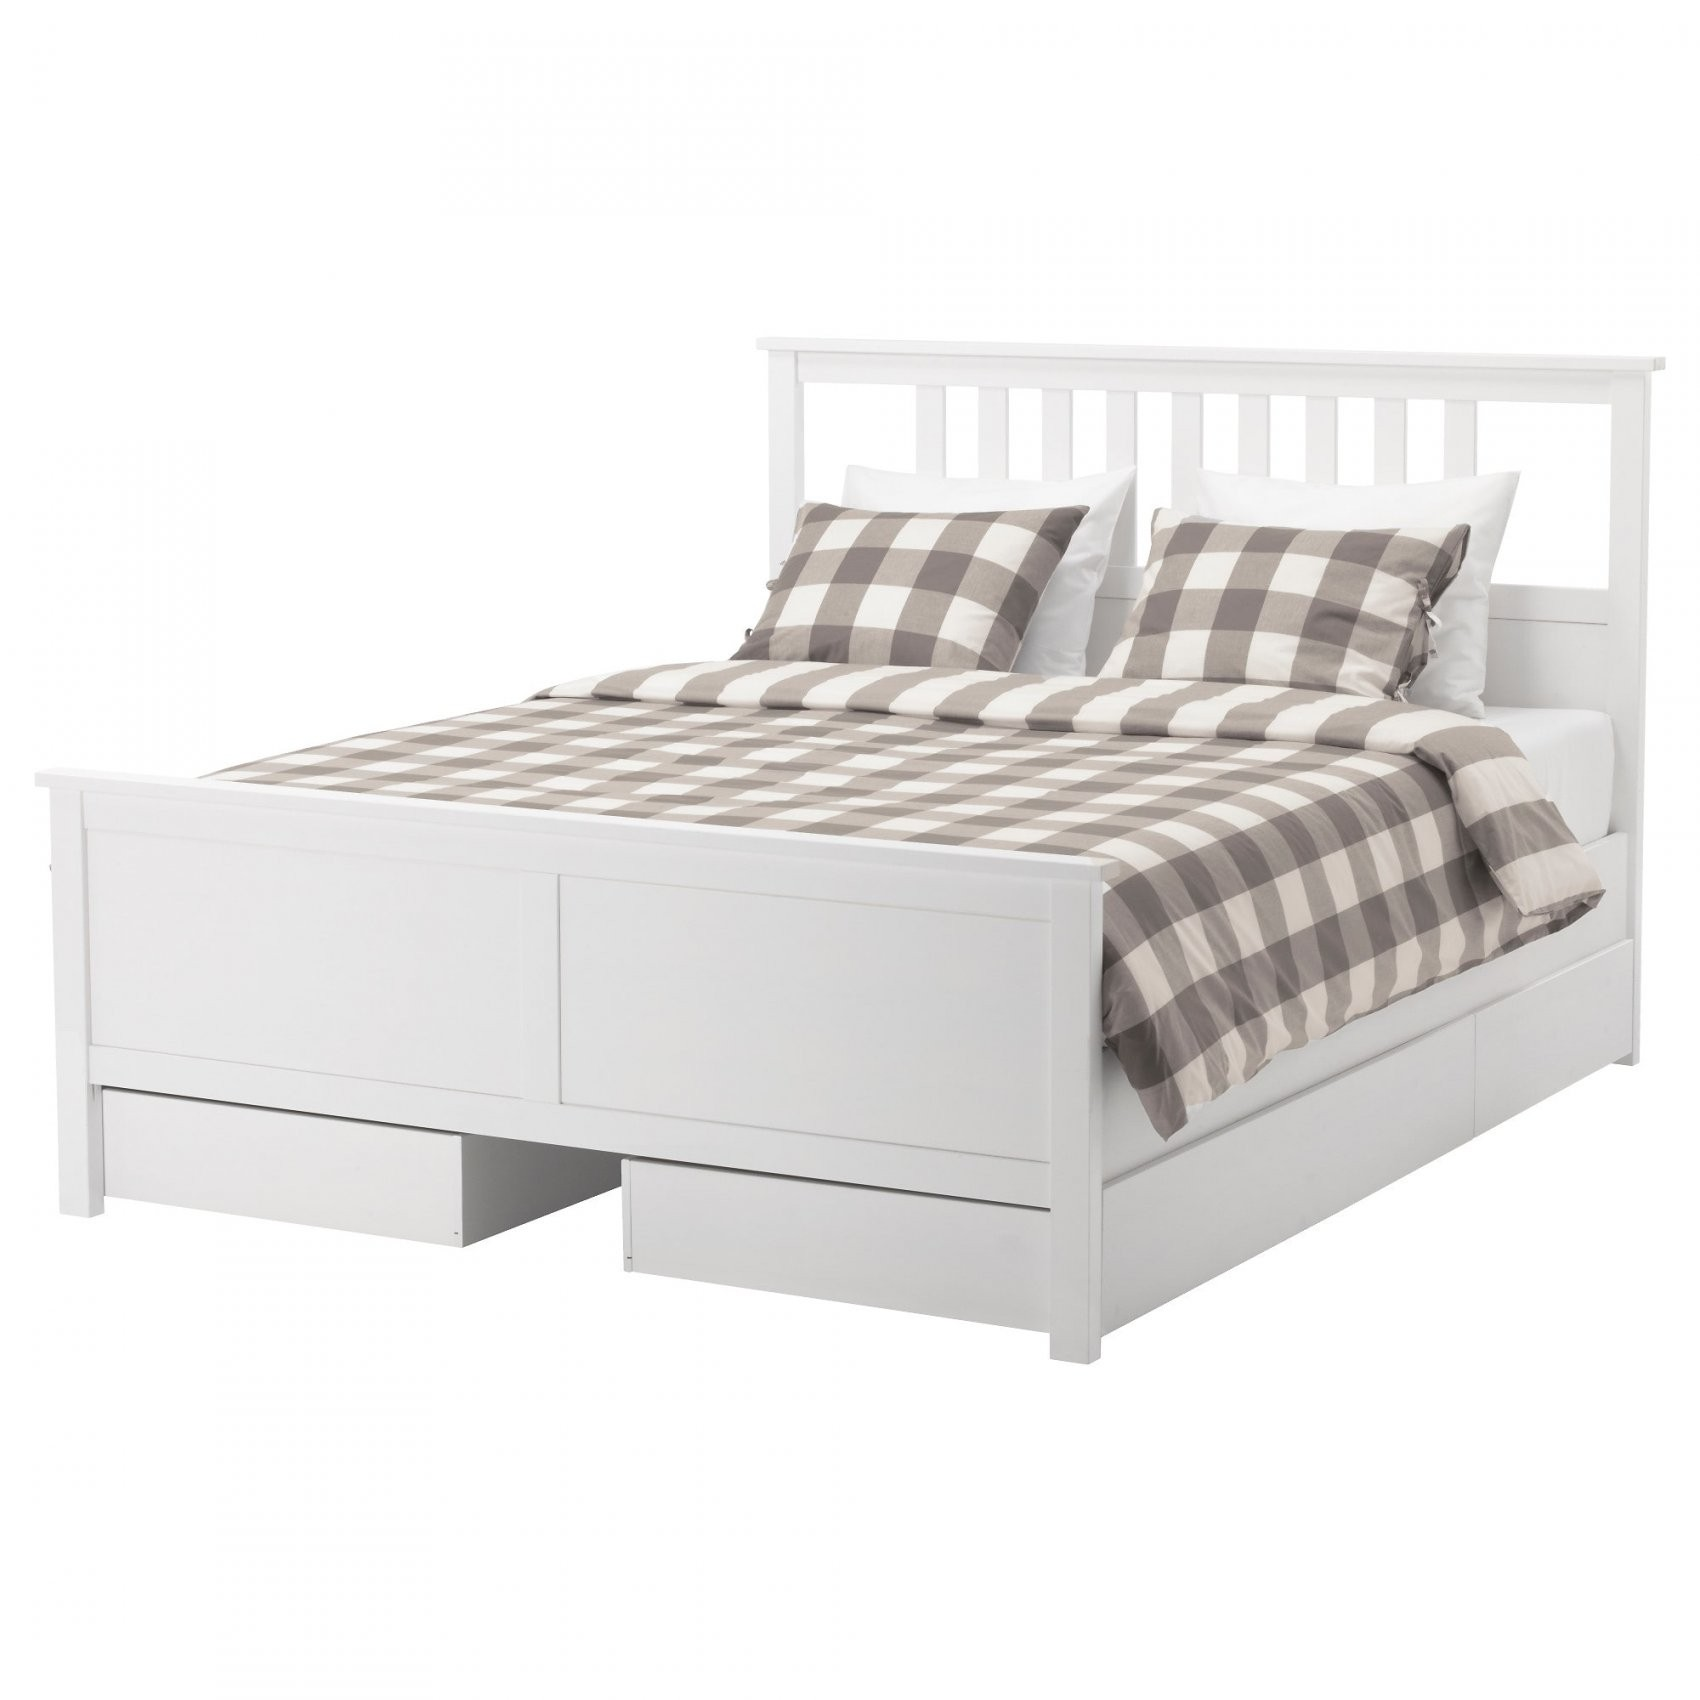 Hemnes Bettgestell Mit 4 Schubladen  Weiß Gebeizt  Ikea von Ikea Bett 140X200 Mit Schubladen Bild